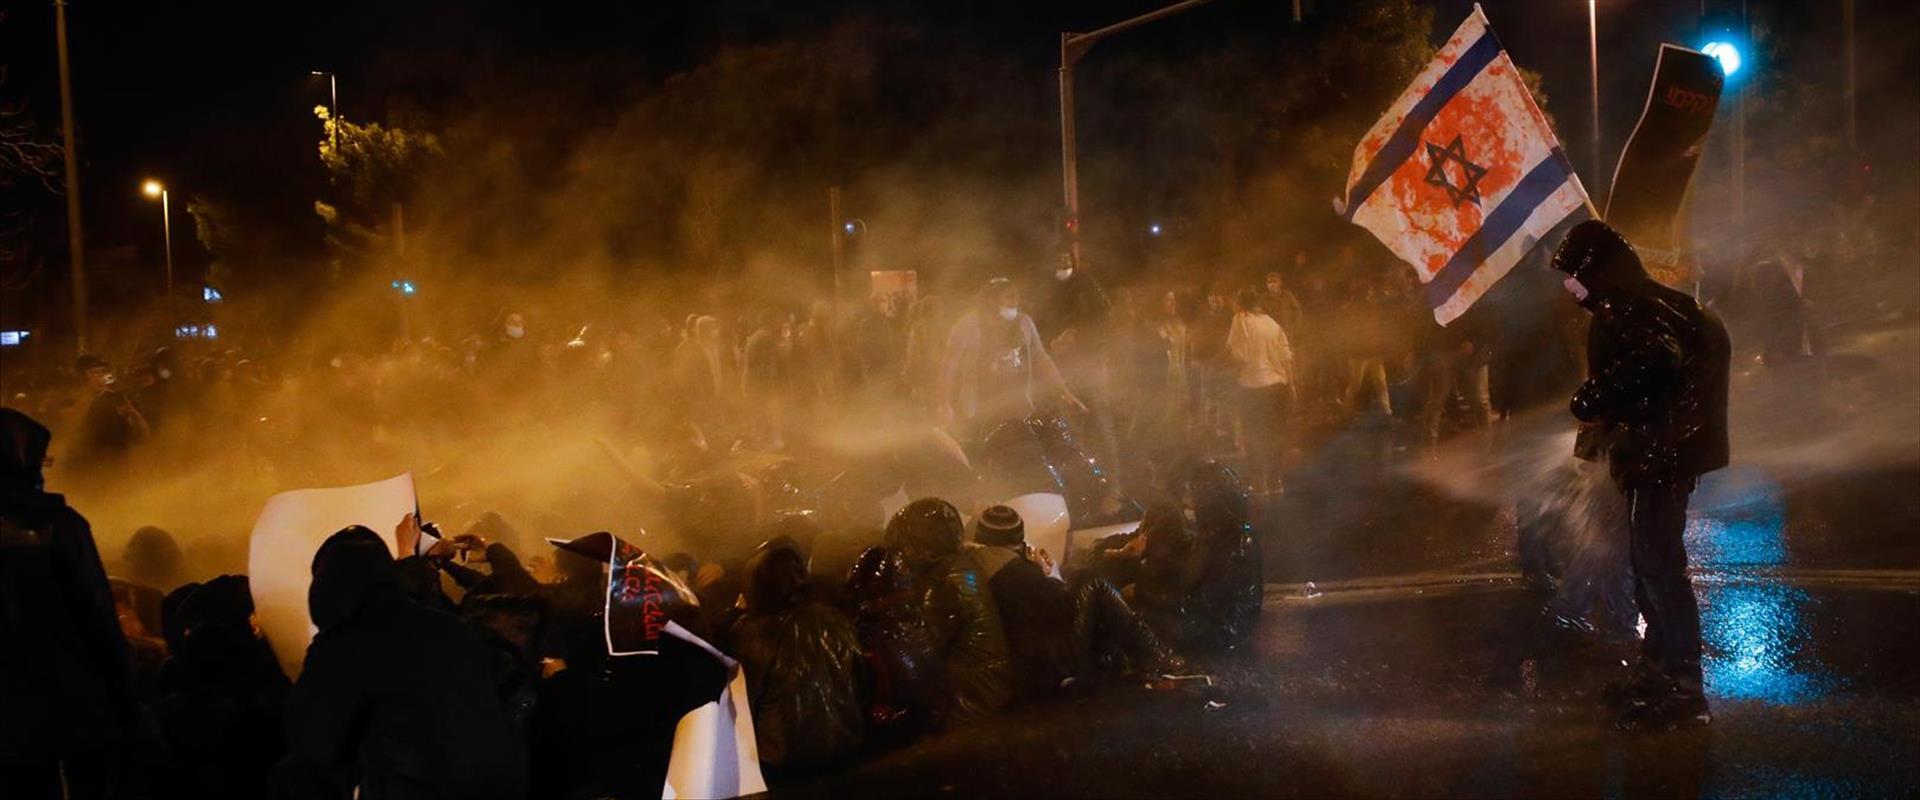 המחאה על מותו של סנדק, אתמול